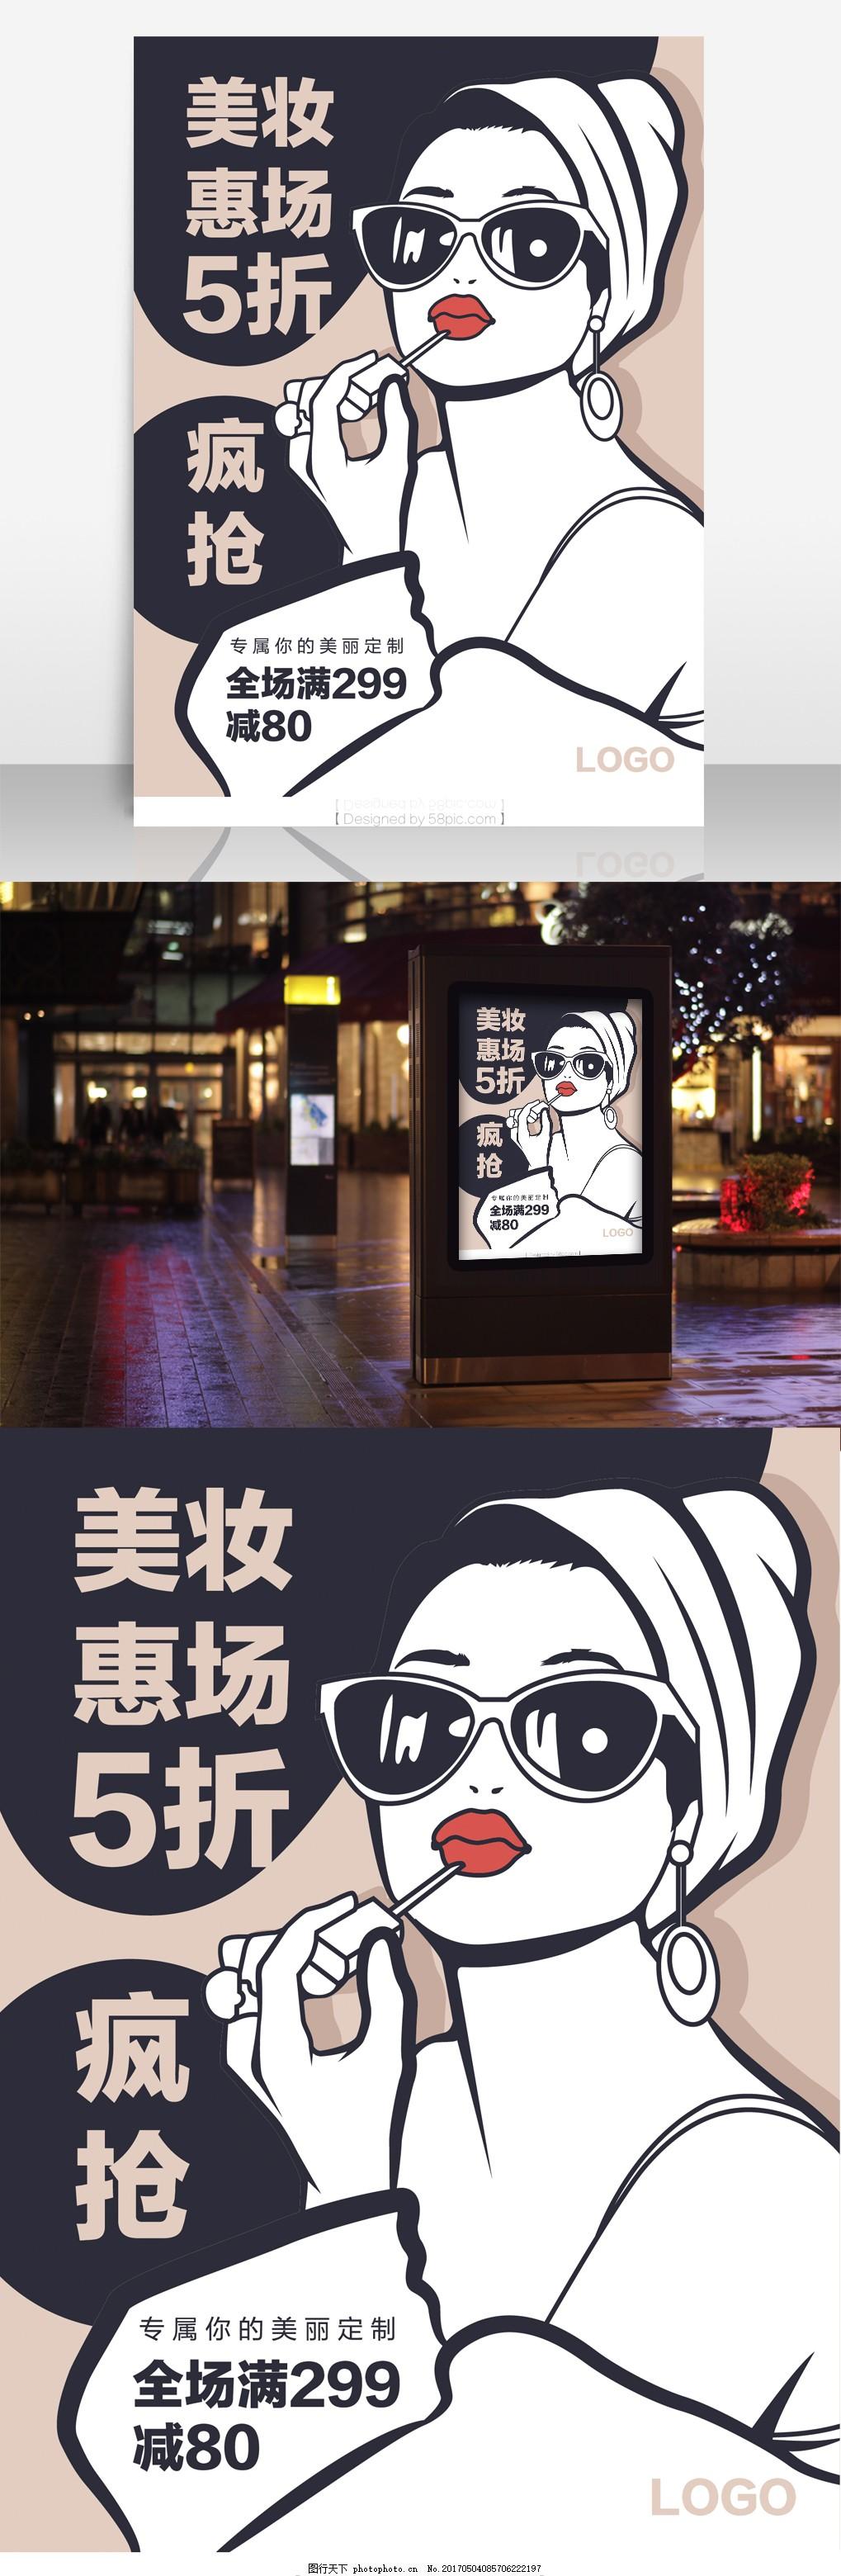 创意手绘化妆品海报设计